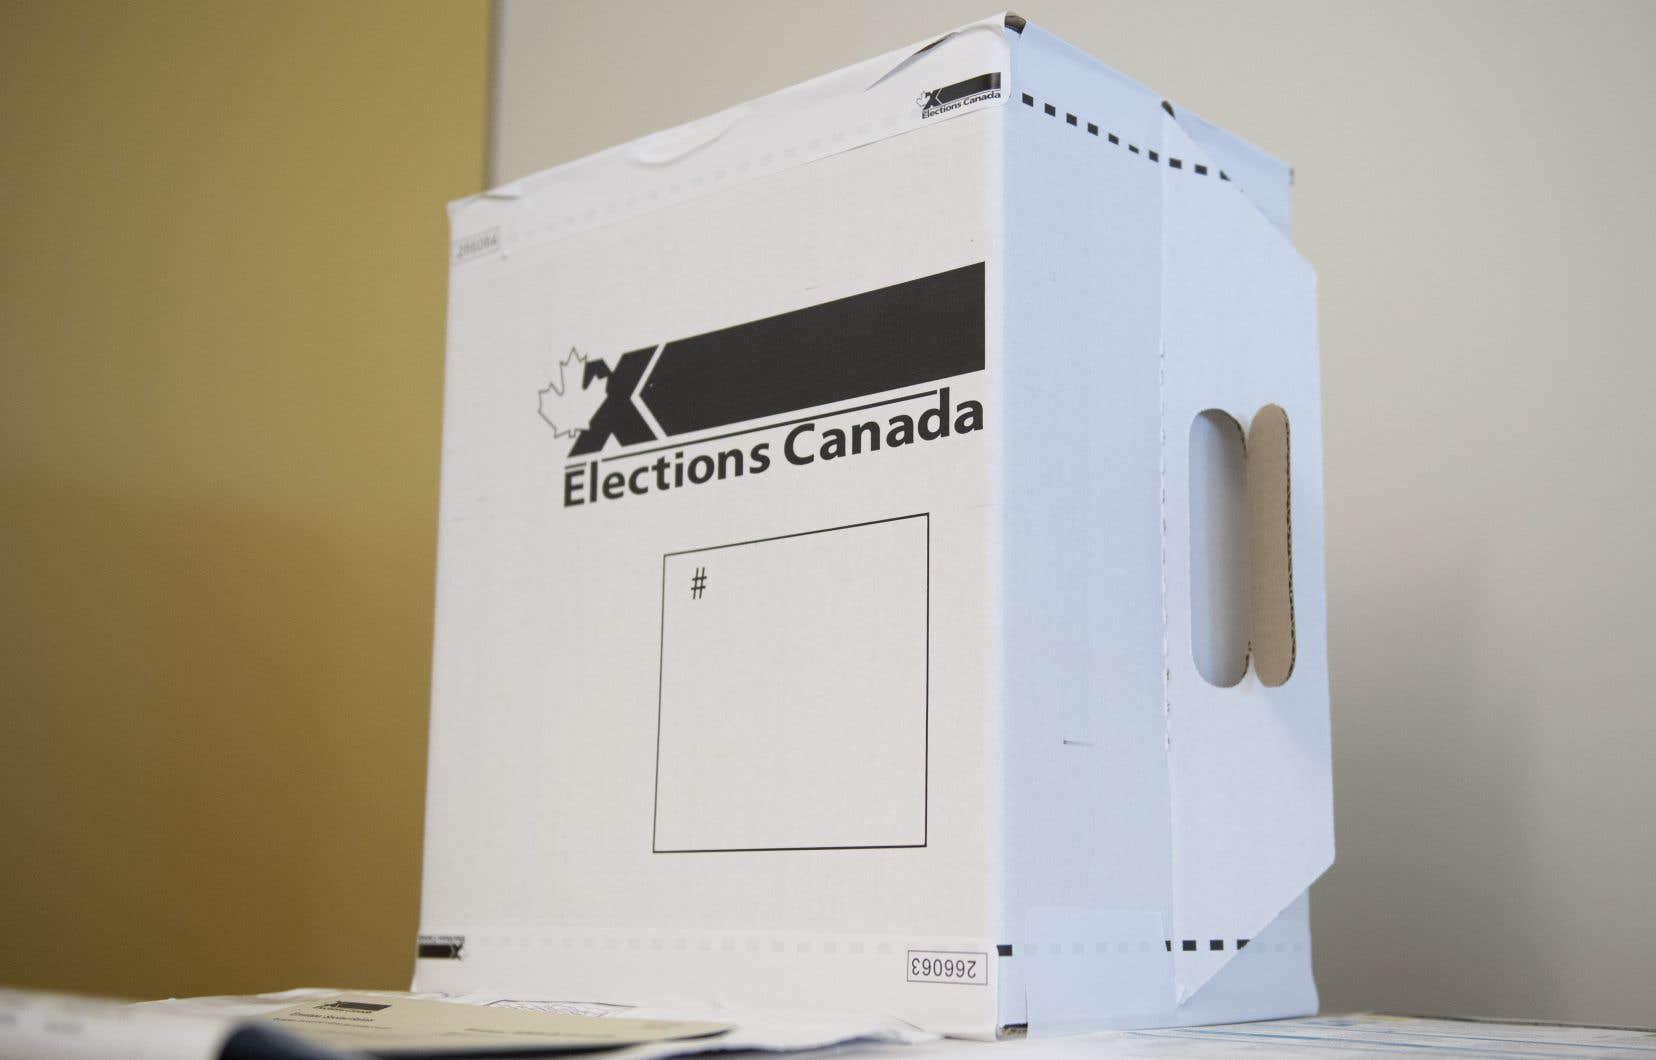 Le 20septembre au soir, une fois que les bureaux de scrutin seront fermés, les employés d'Élections Canada commenceront par dépouiller les votes par anticipation et ceux des gens qui ont voté en personne le jour même.